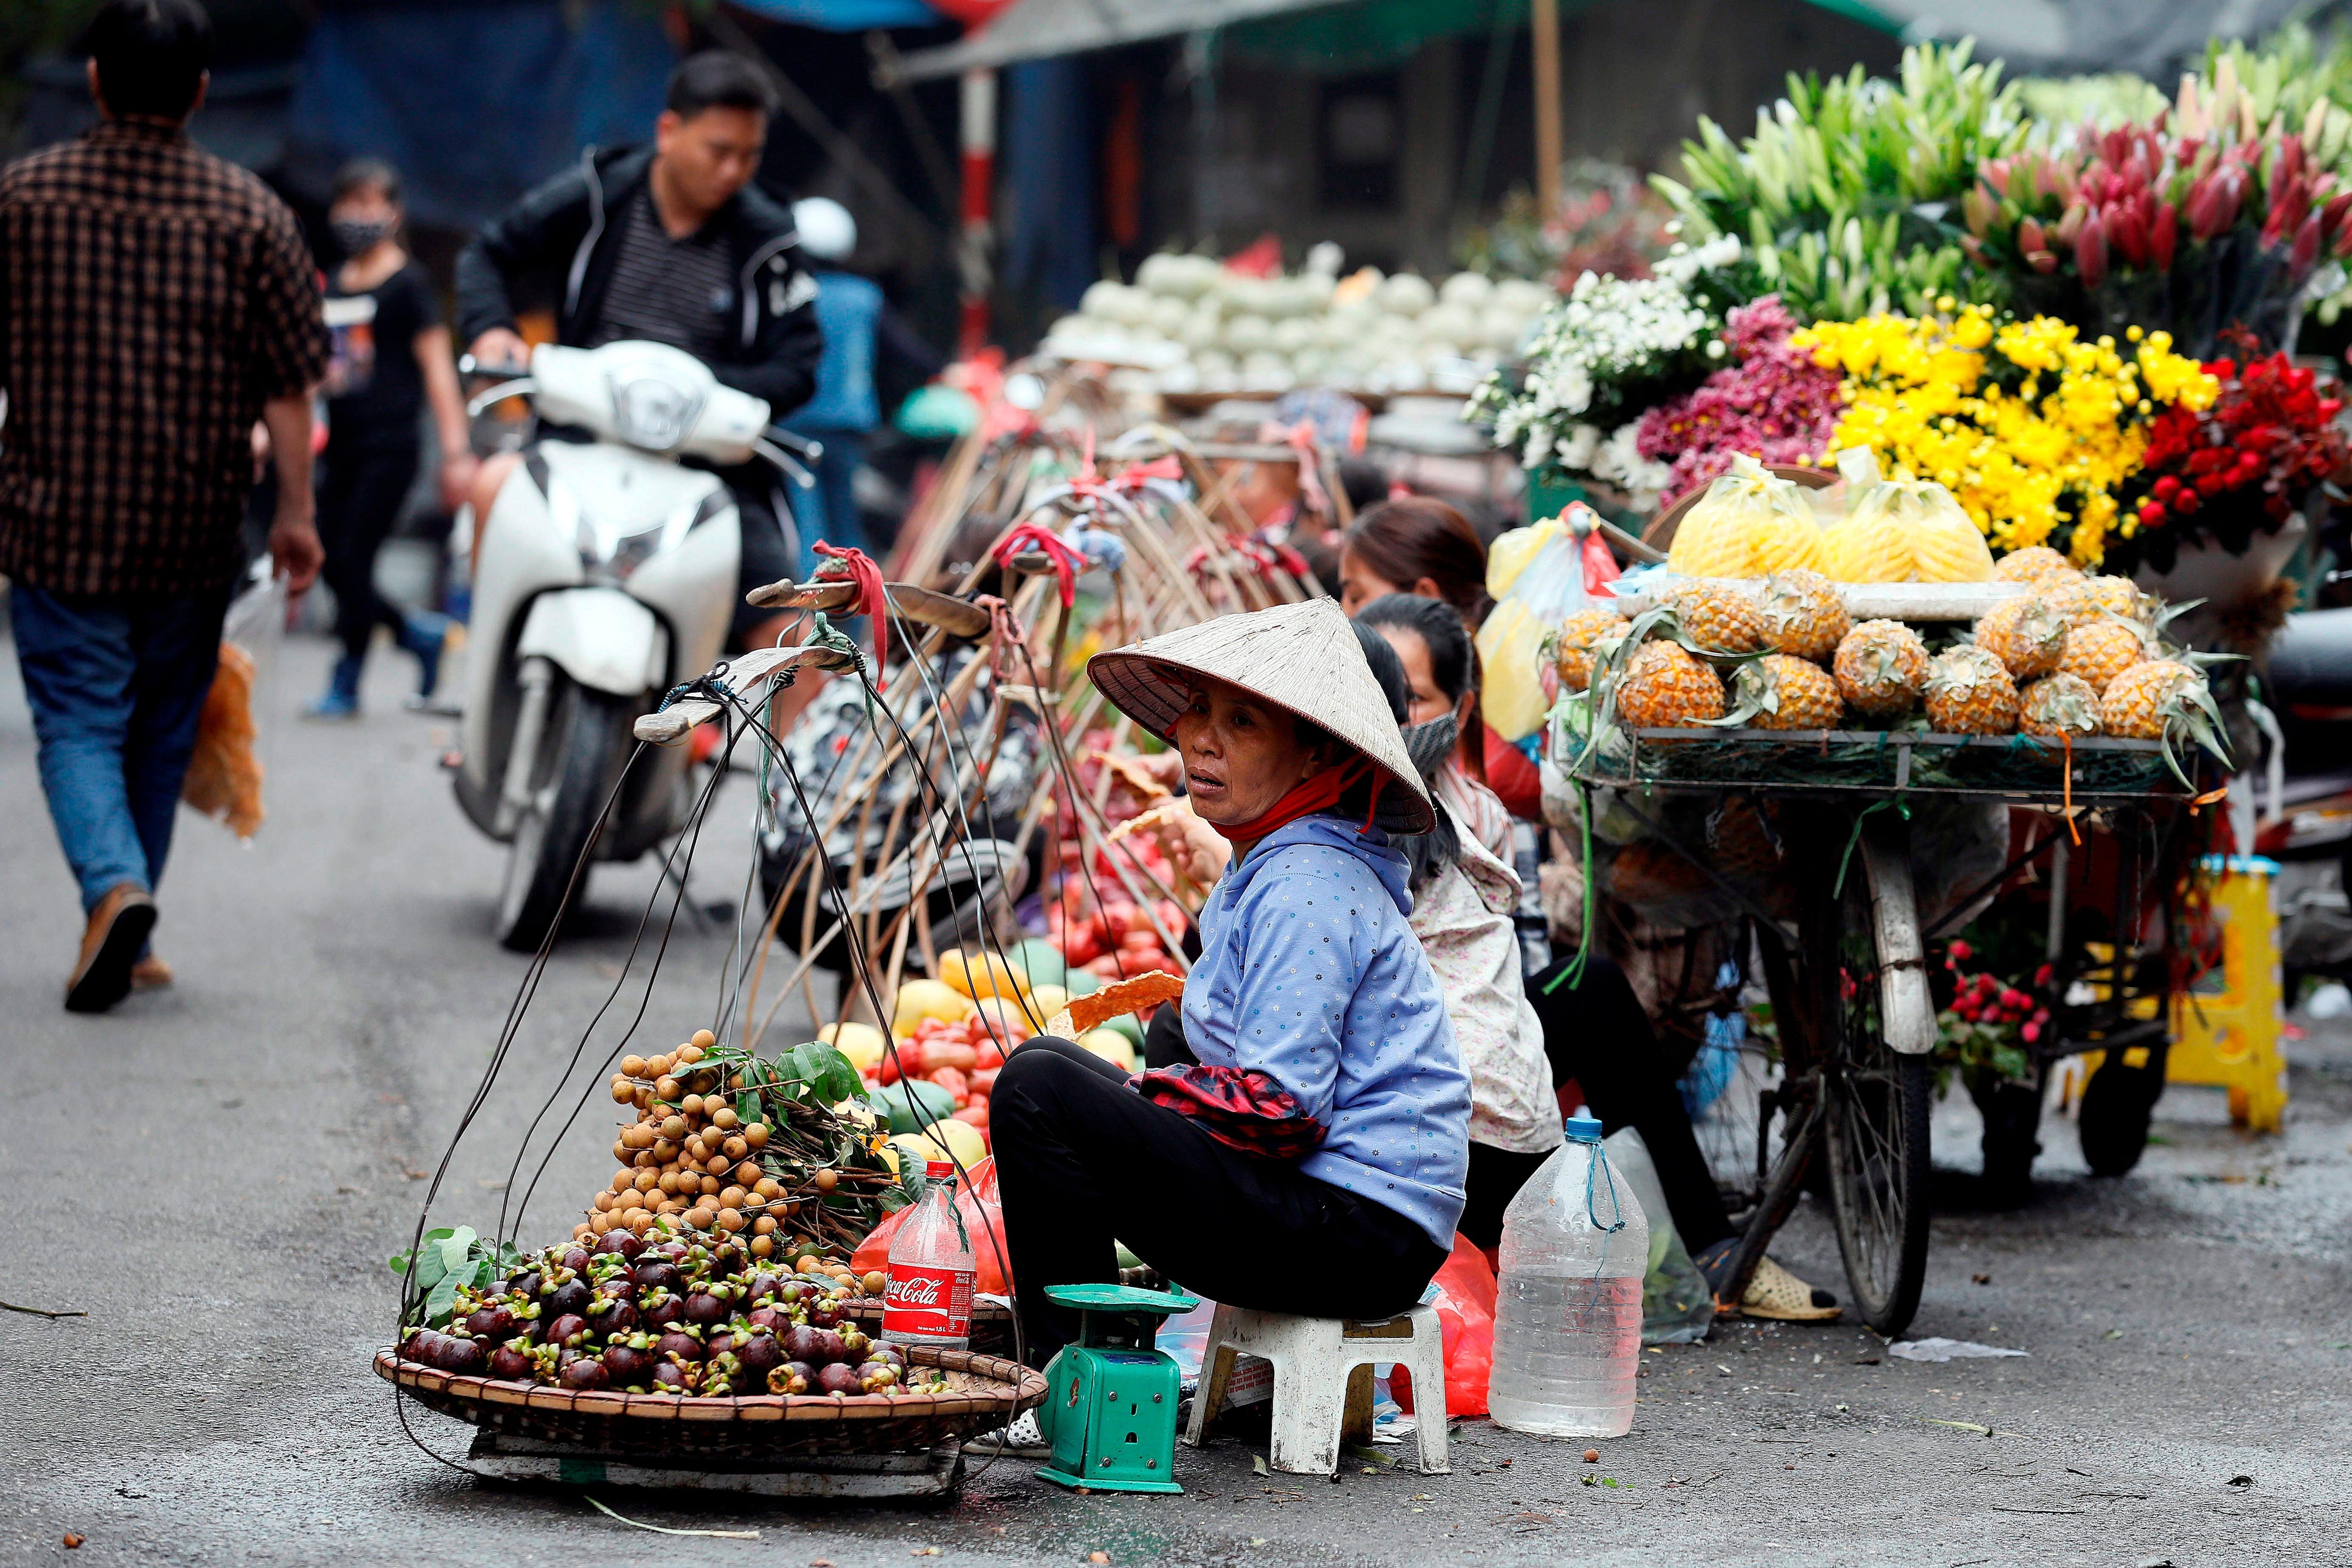 Vendedoras ambulantes en una calle en Hanoi (Vietnam). EFE/ Luong Thai Linh/Archivo